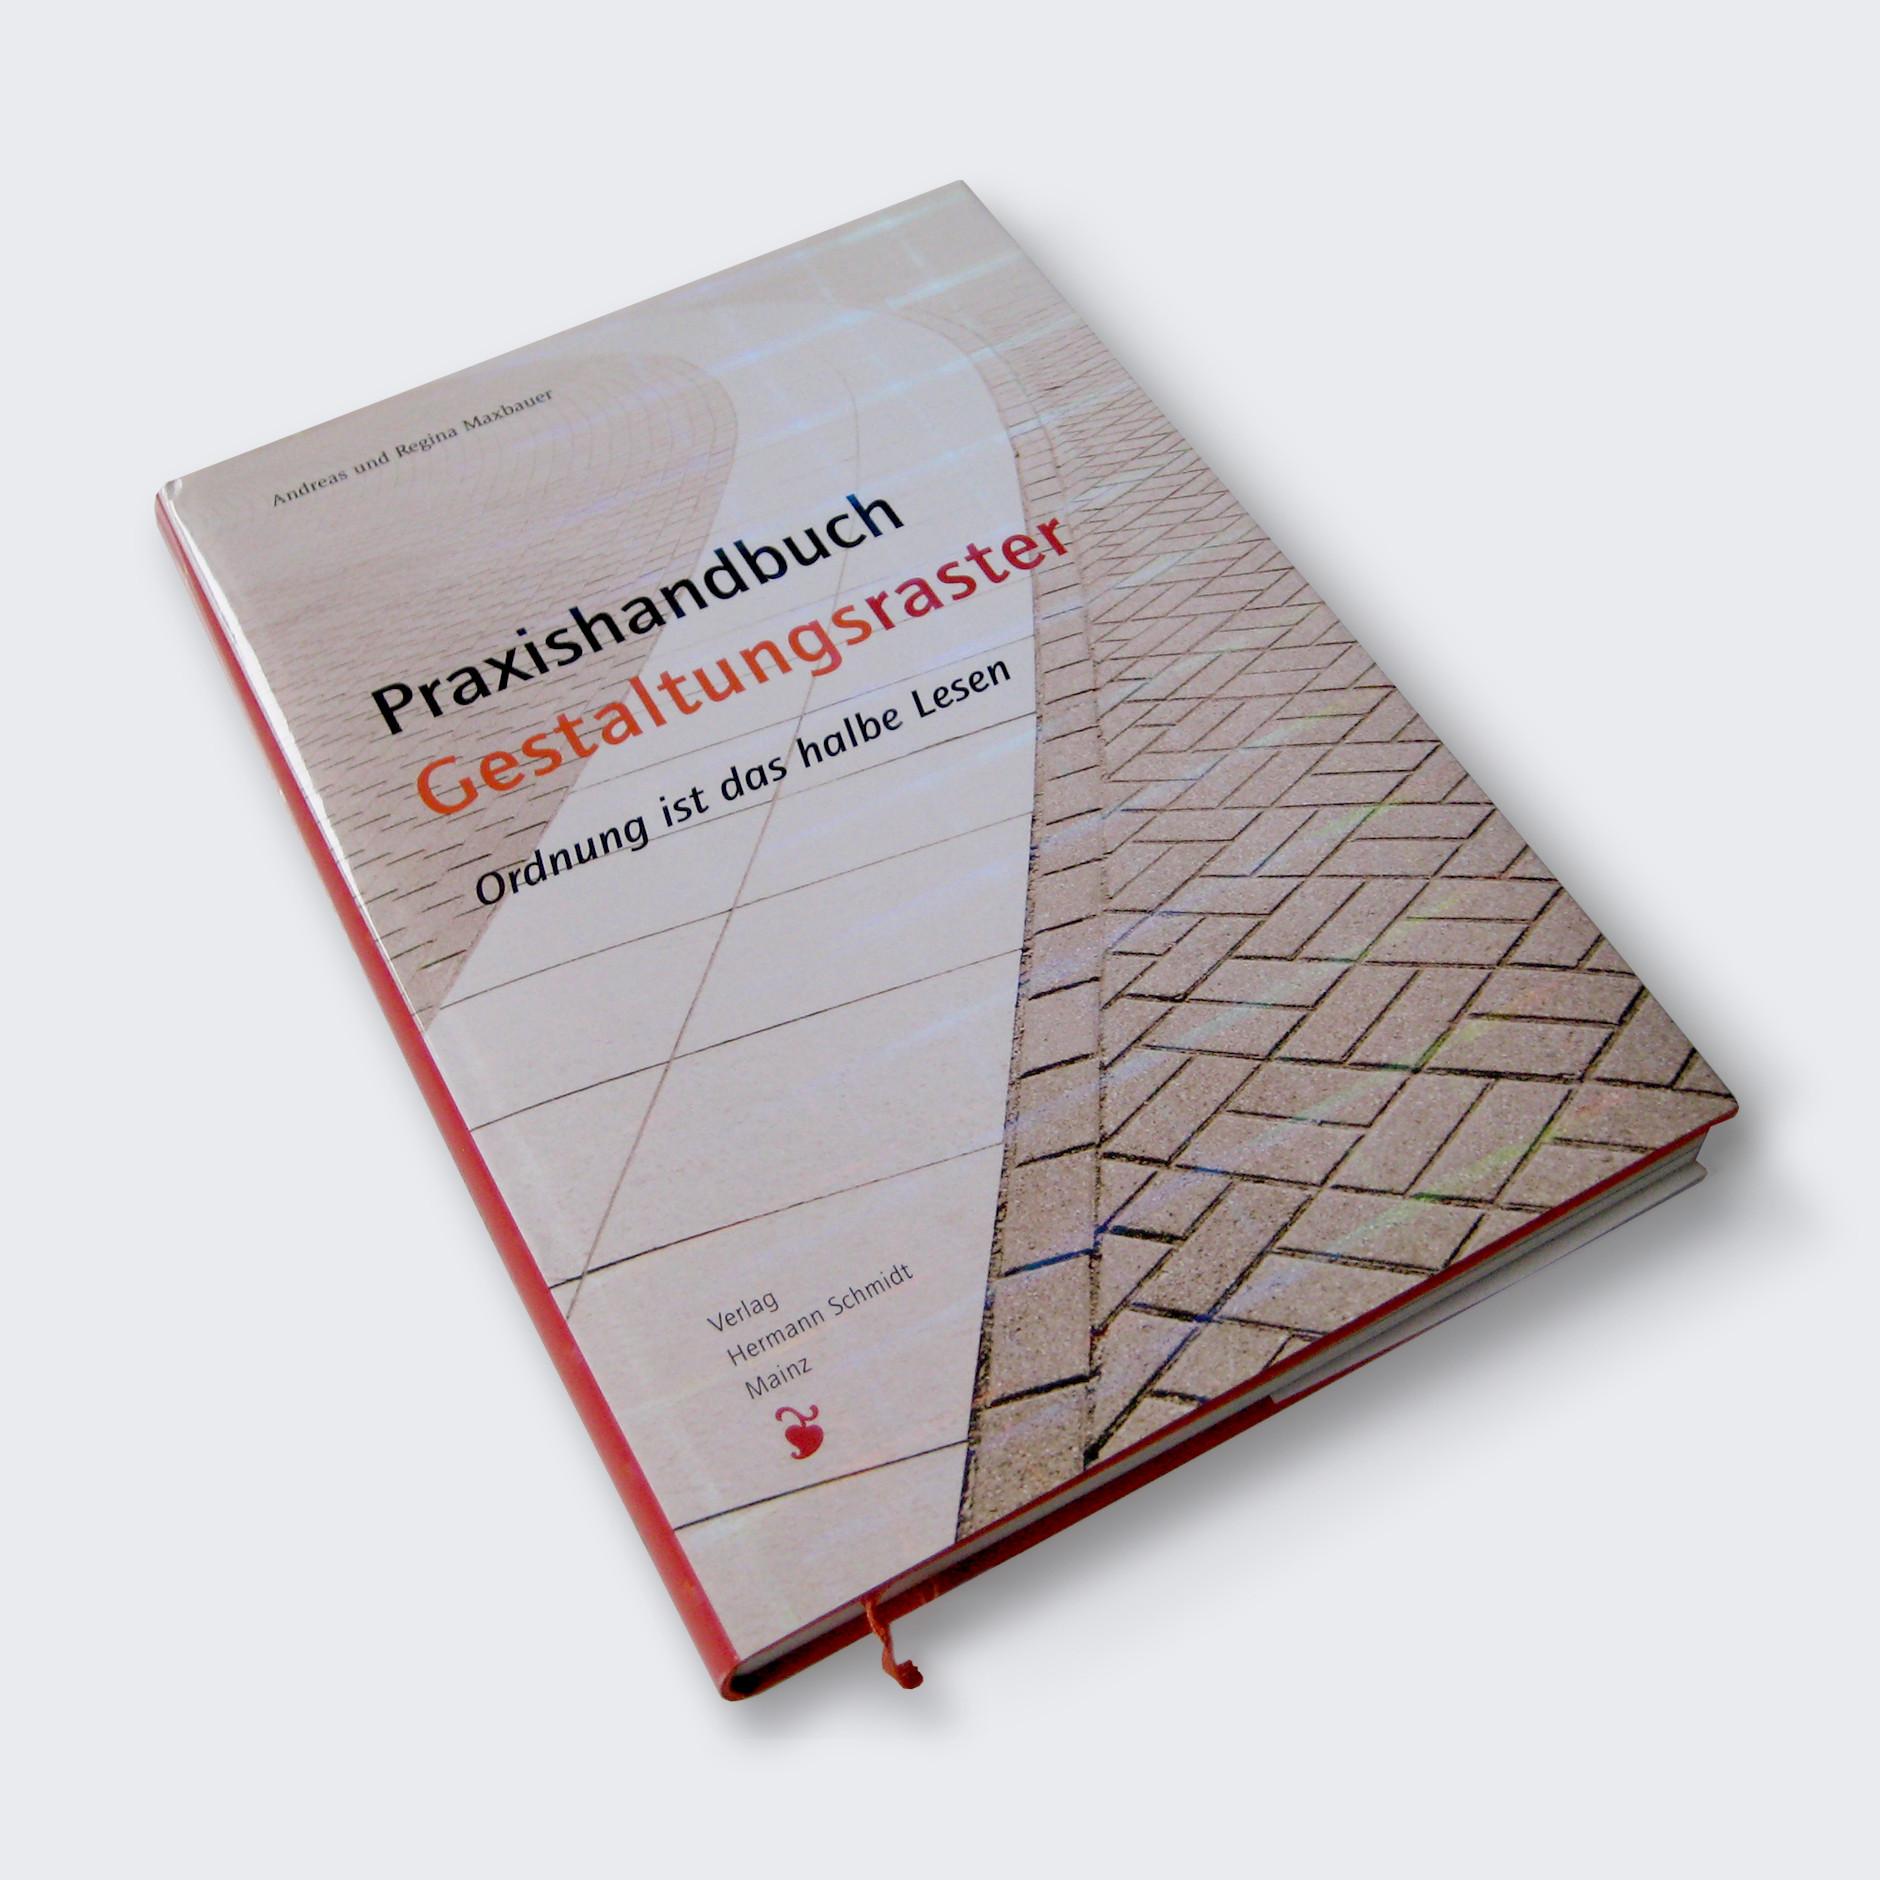 Gestaltungsraster_Buch_start.jpg